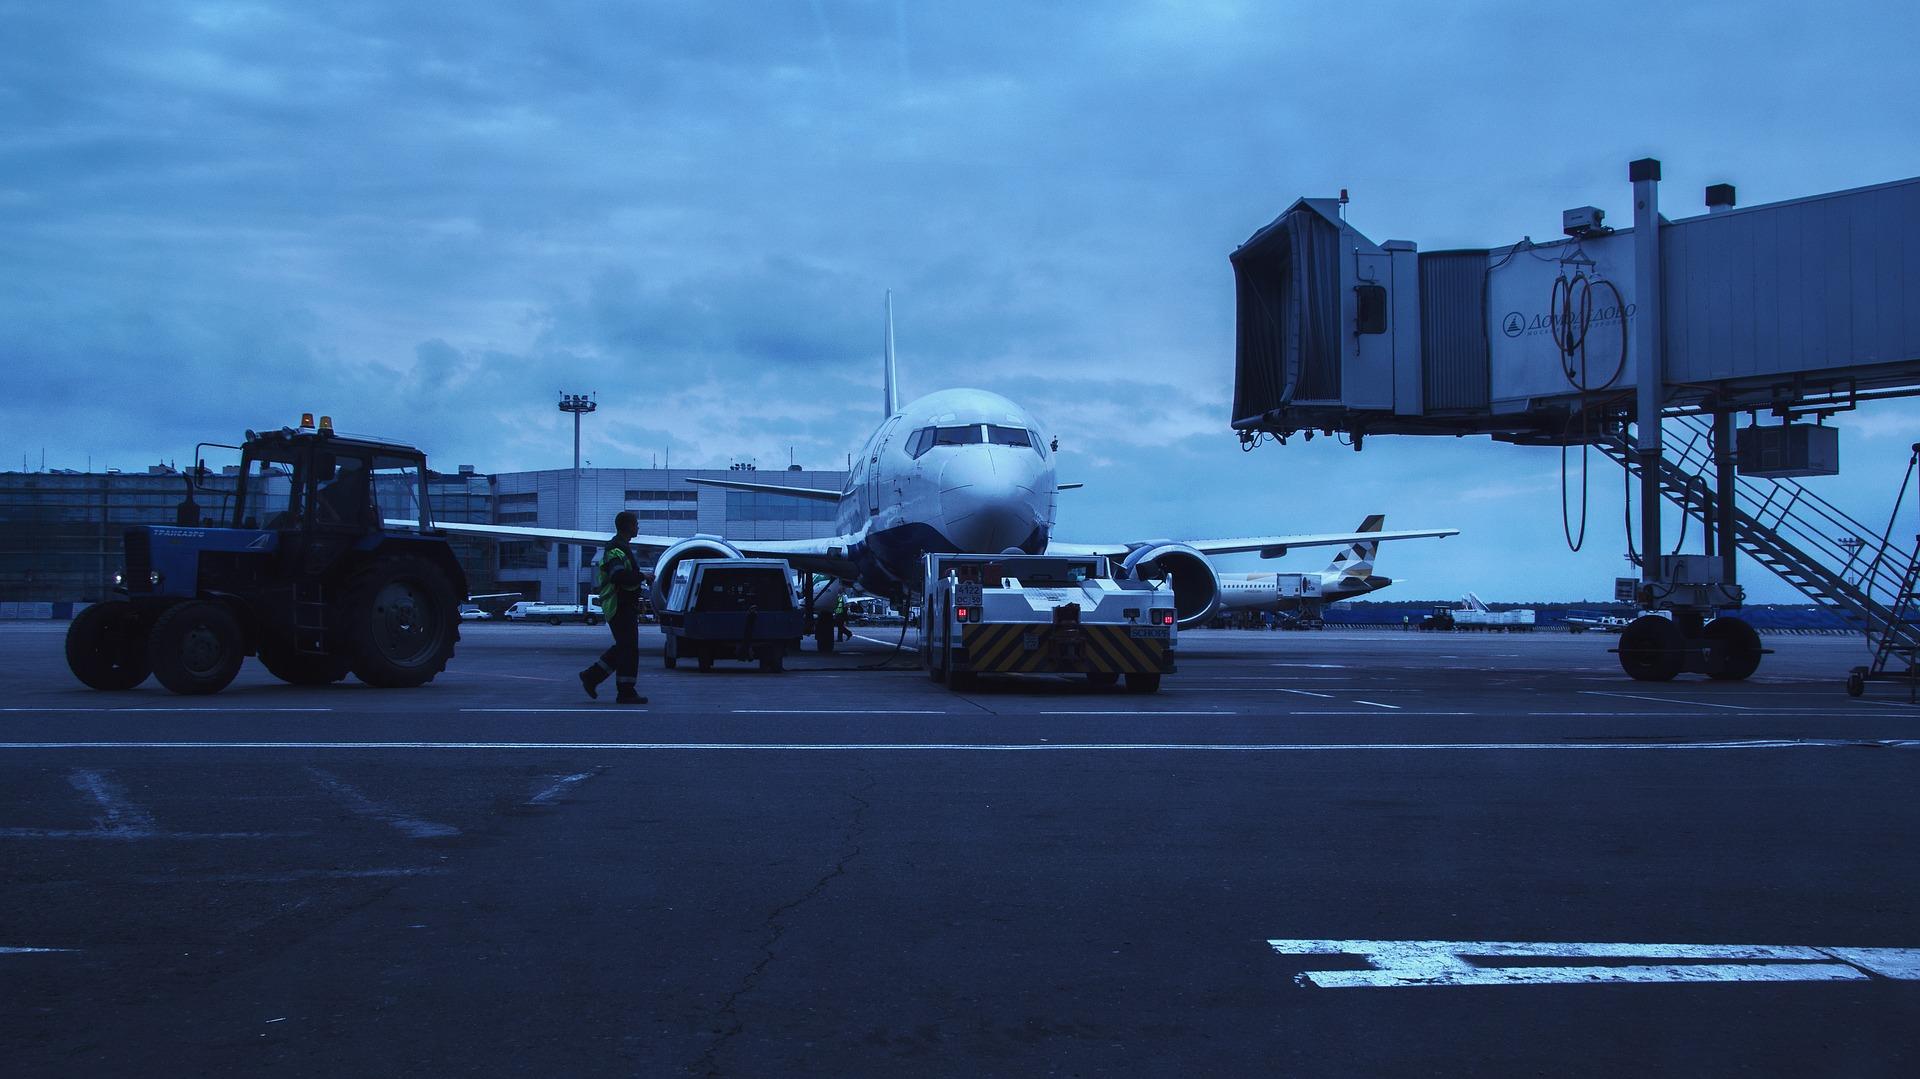 Avaliação de aeroportos registra alta no terceiro trimestre, diz pesquisa